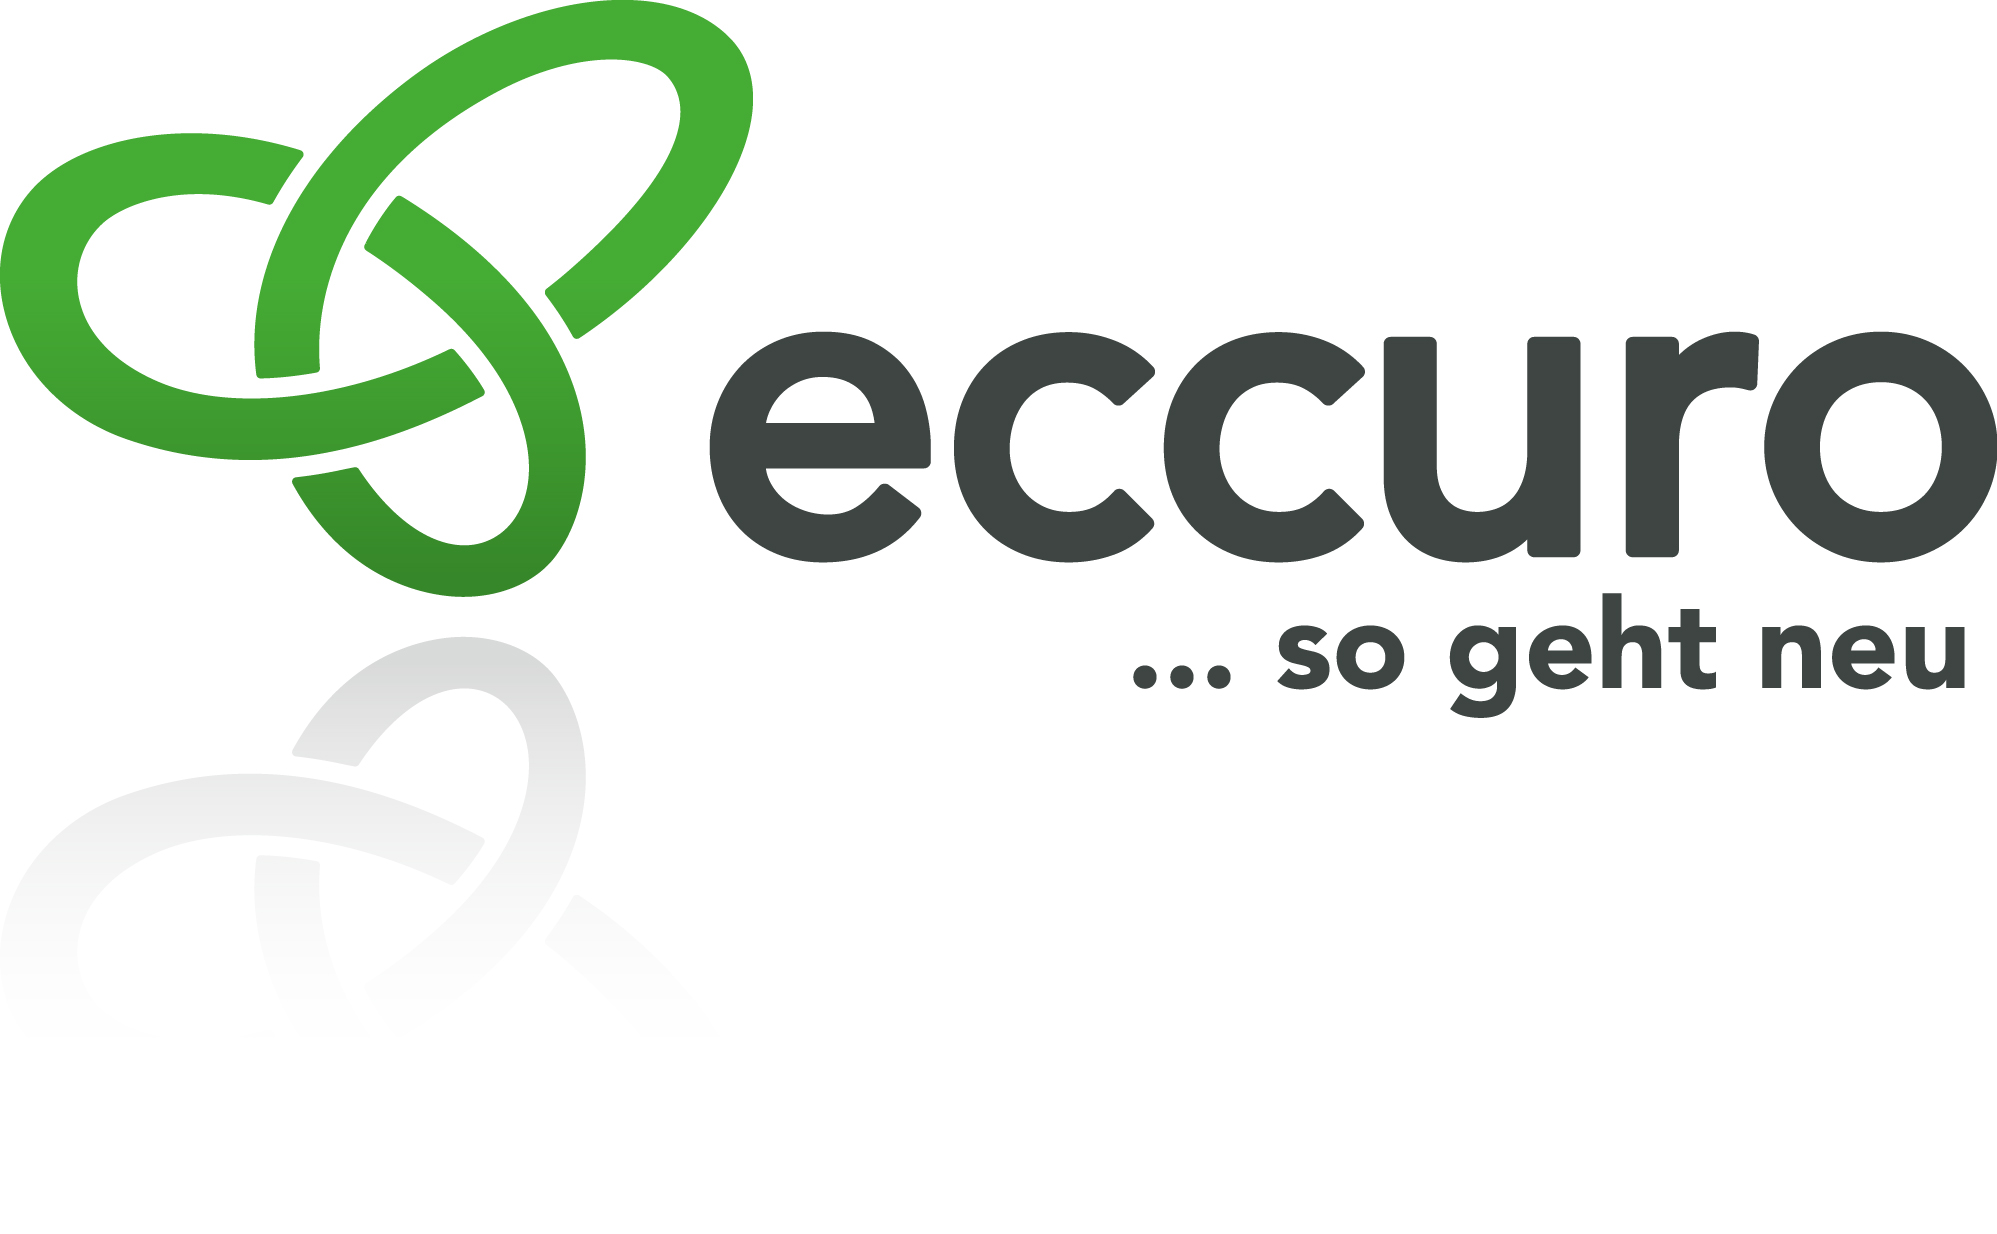 Energetische sanierung Eccuro